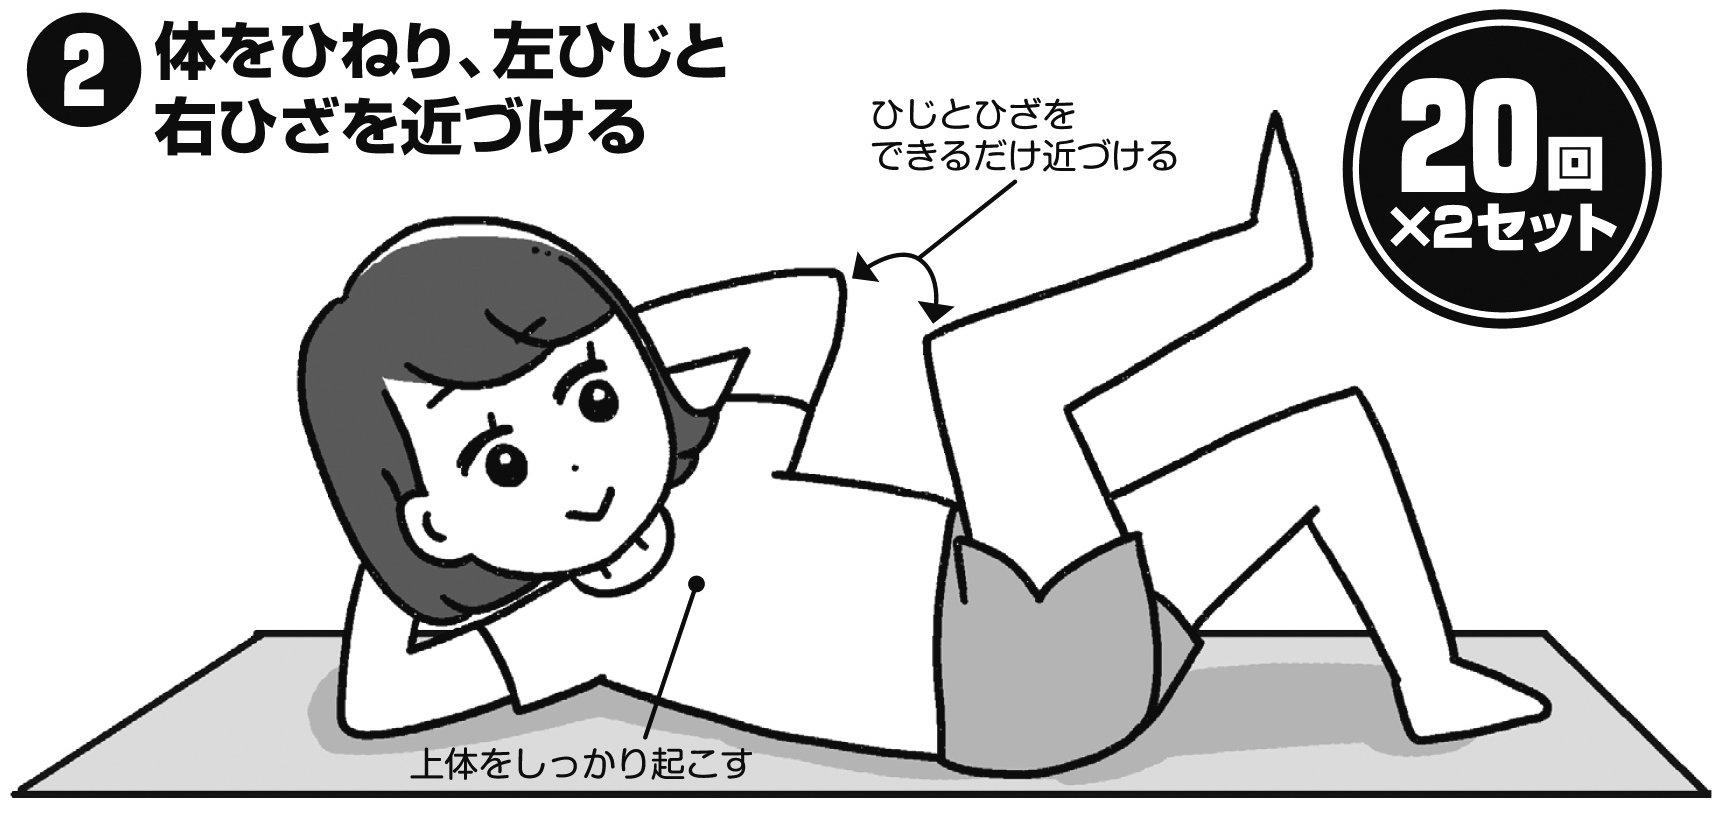 体をひねり左ひじを右ひざを近づける